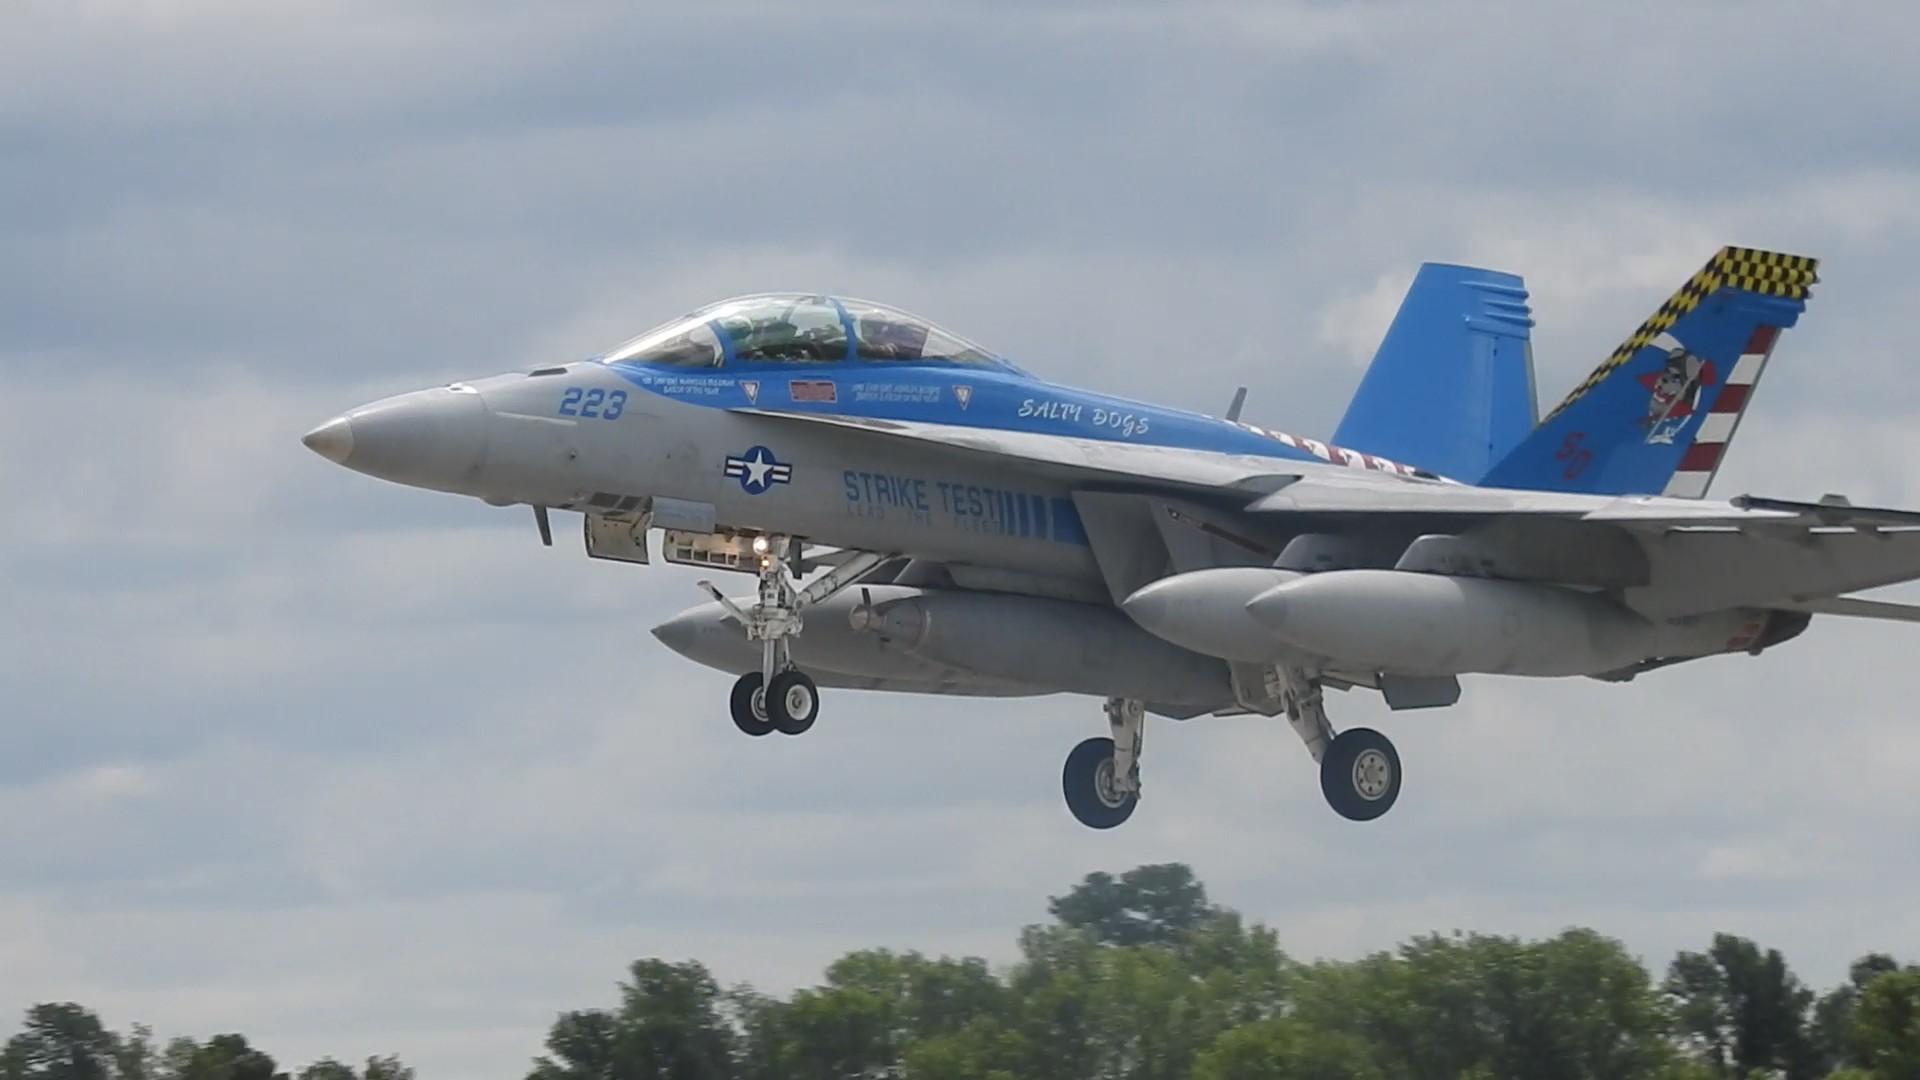 Oshkosh F18 Growler